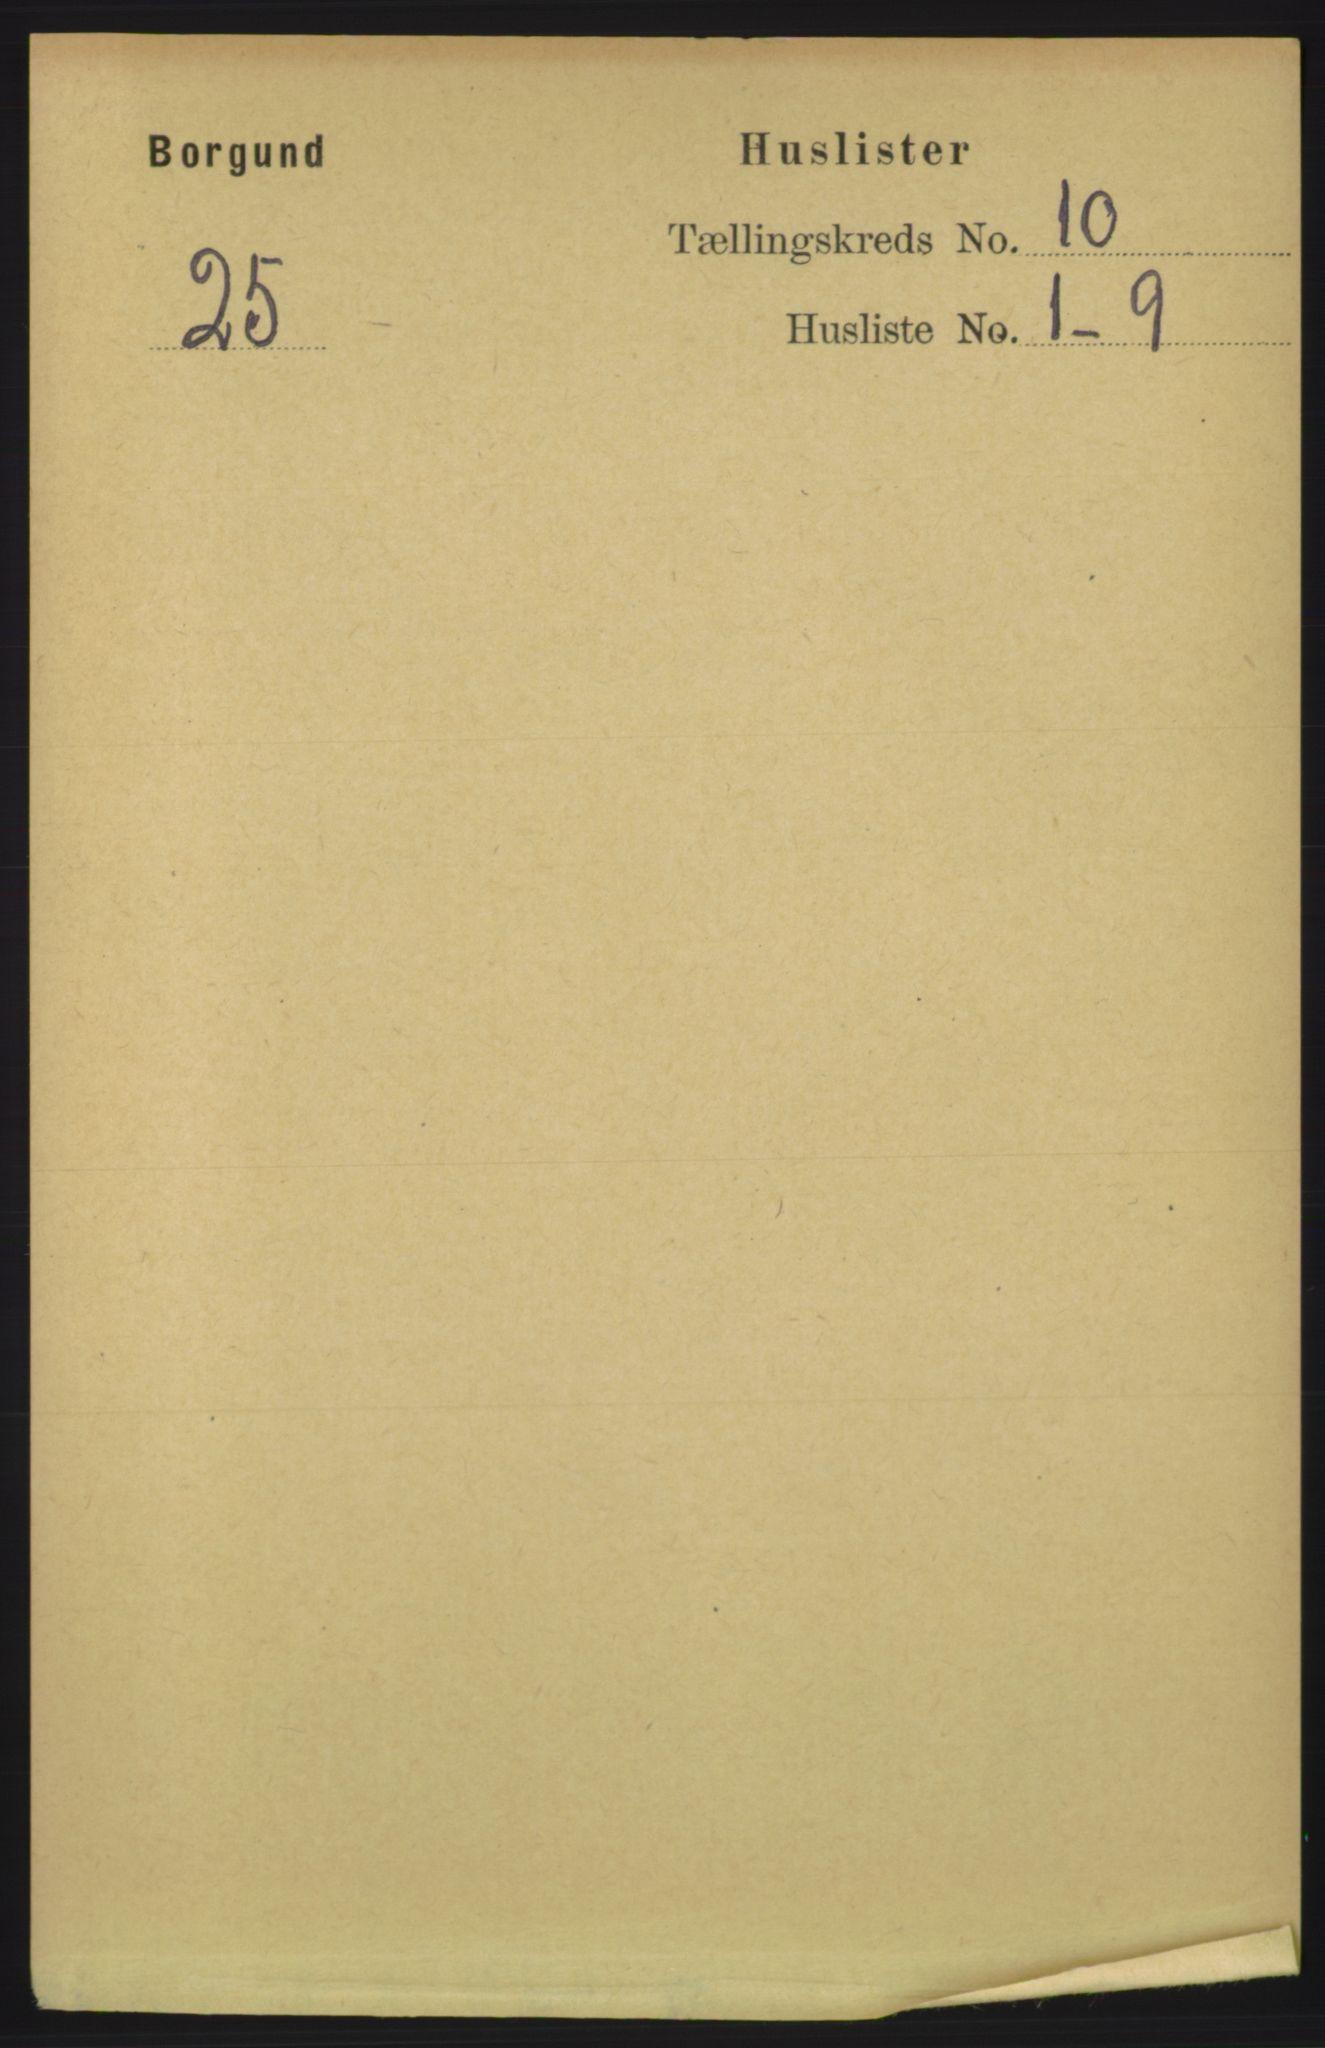 RA, Folketelling 1891 for 1531 Borgund herred, 1891, s. 2613